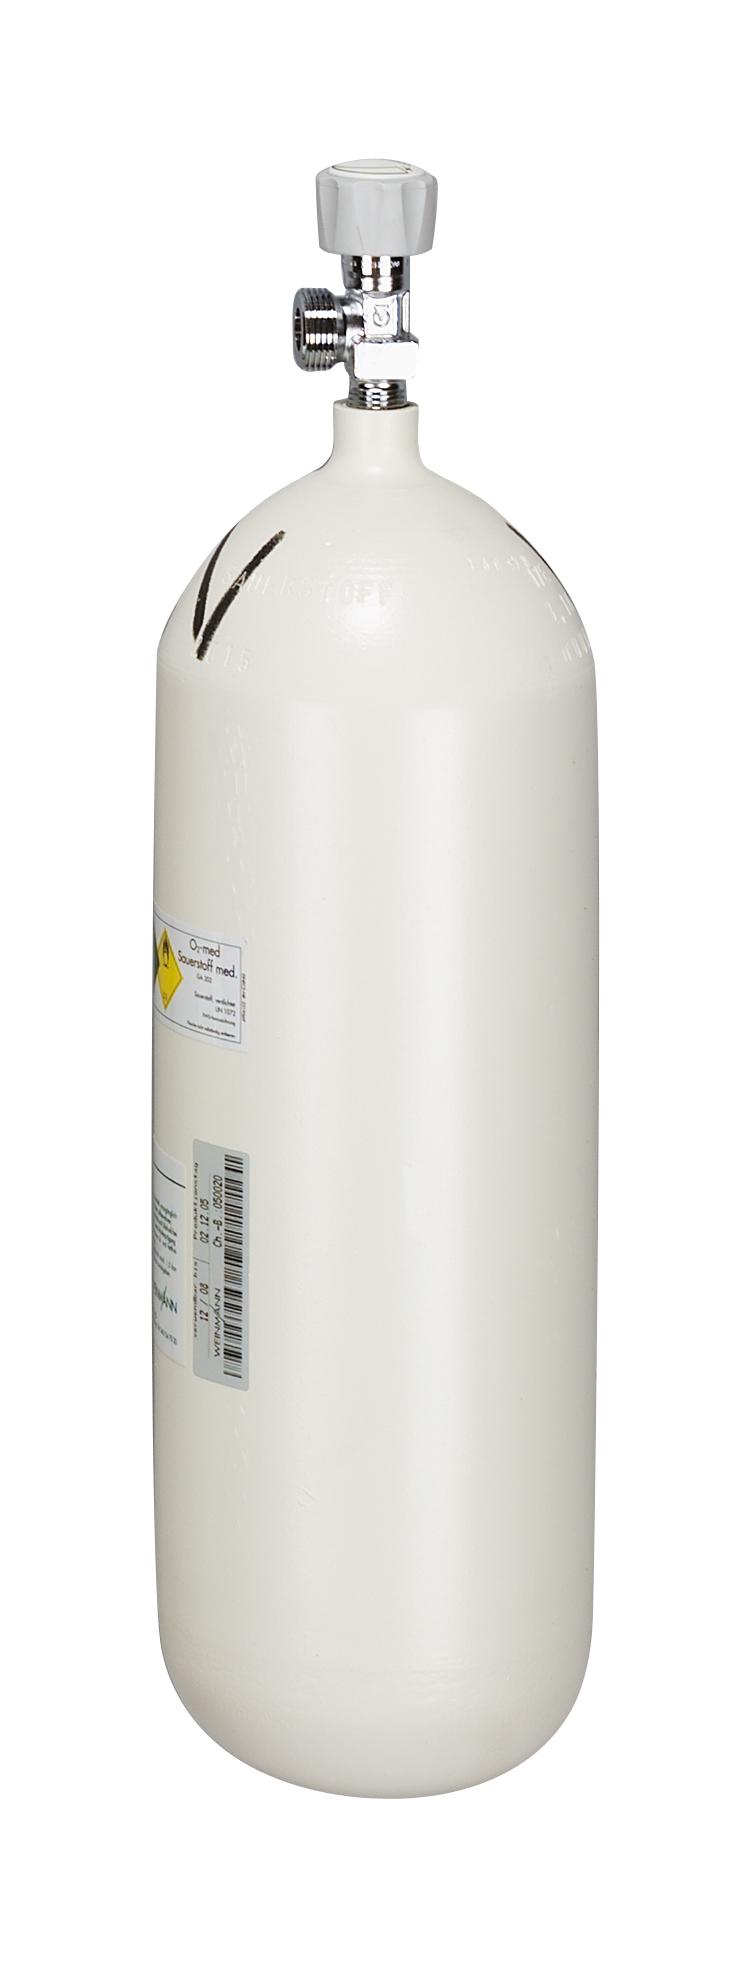 Sauerstoff-Flasche 5,0 Liter, gefüllt, G 3/4